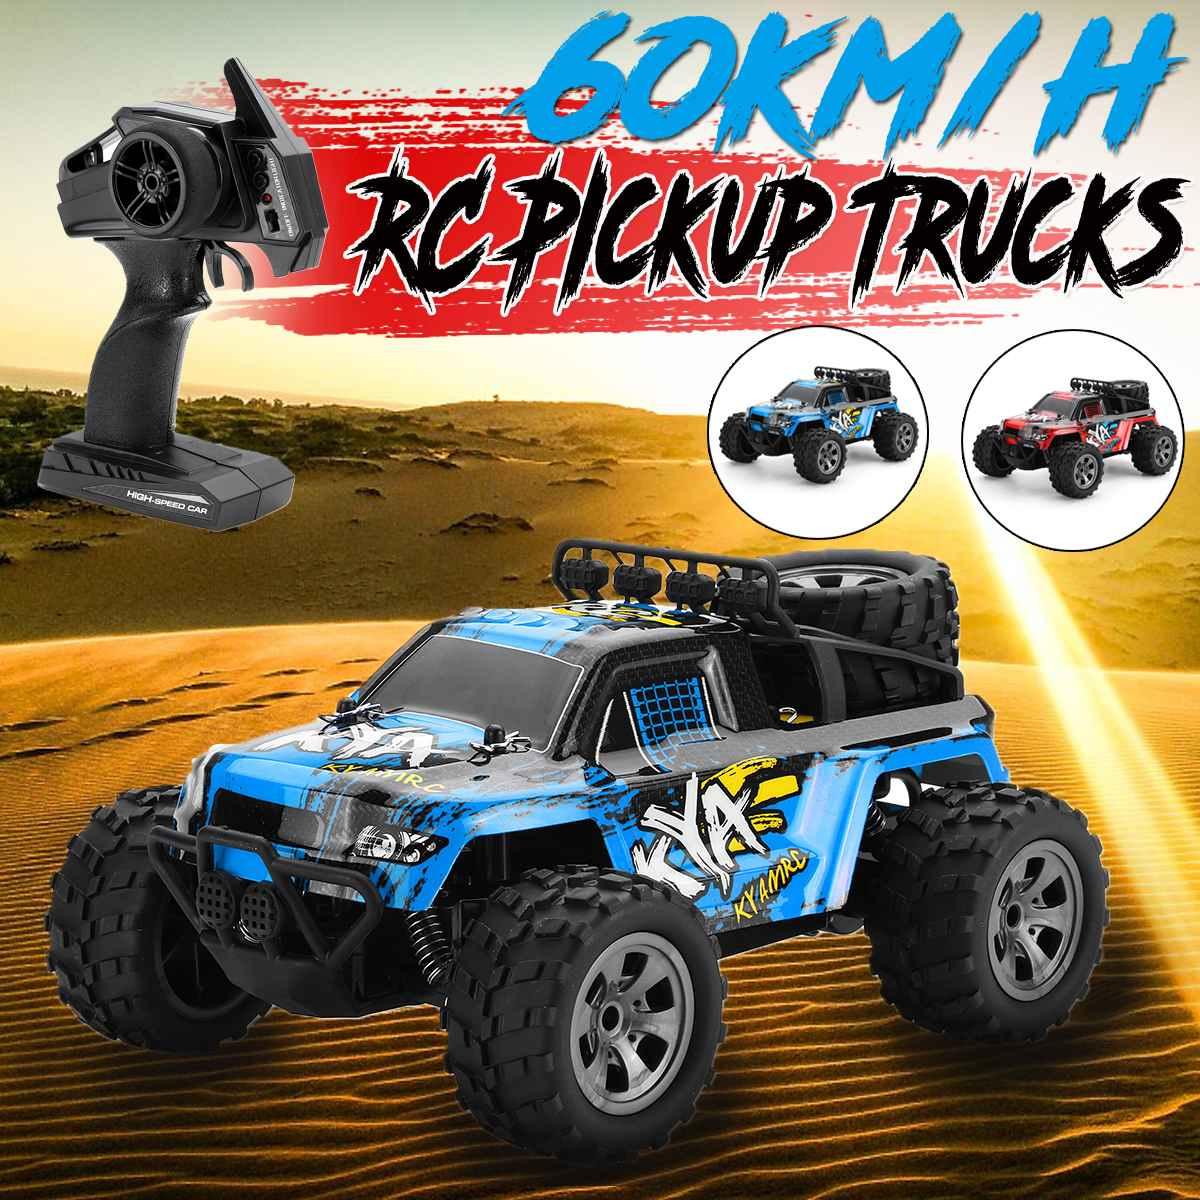 1:18 RC voiture 2.4G RC 4WD voiture haute vitesse dérive course USB charge télécommande véhicule électronique passe-temps jouets pour enfants